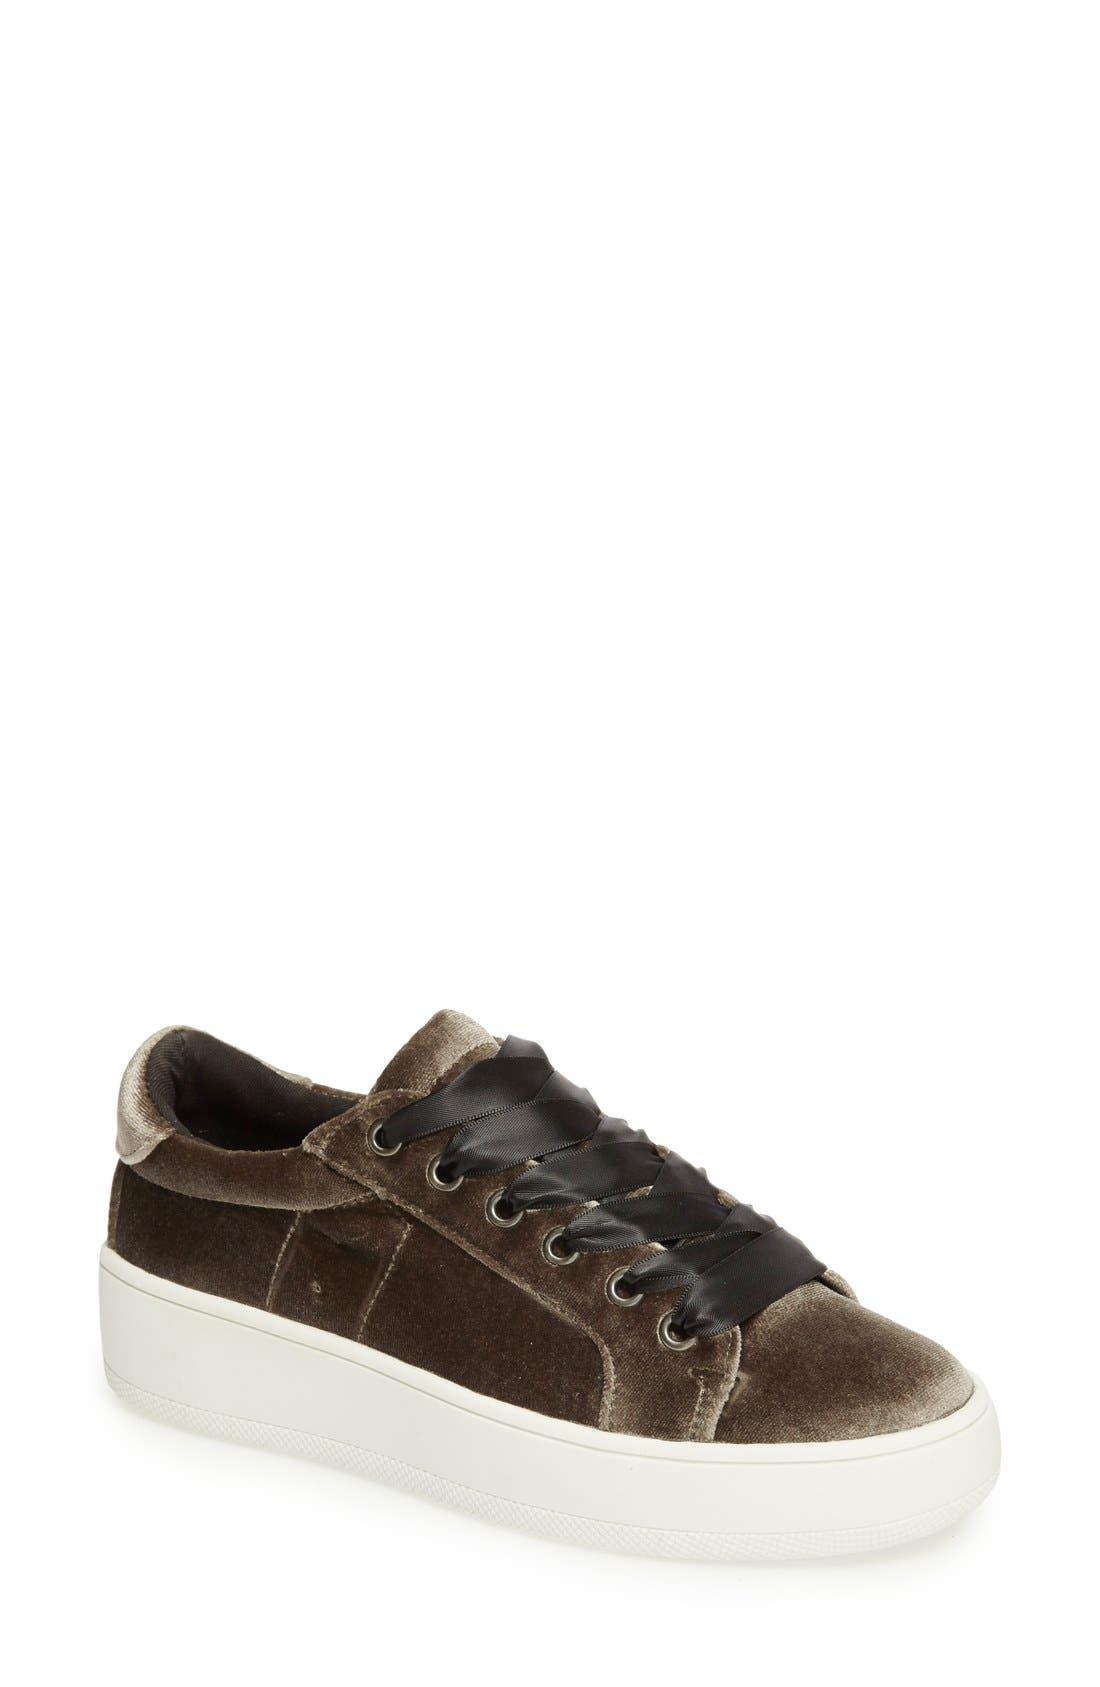 STEVE MADDEN Bertie-V Platform Sneaker